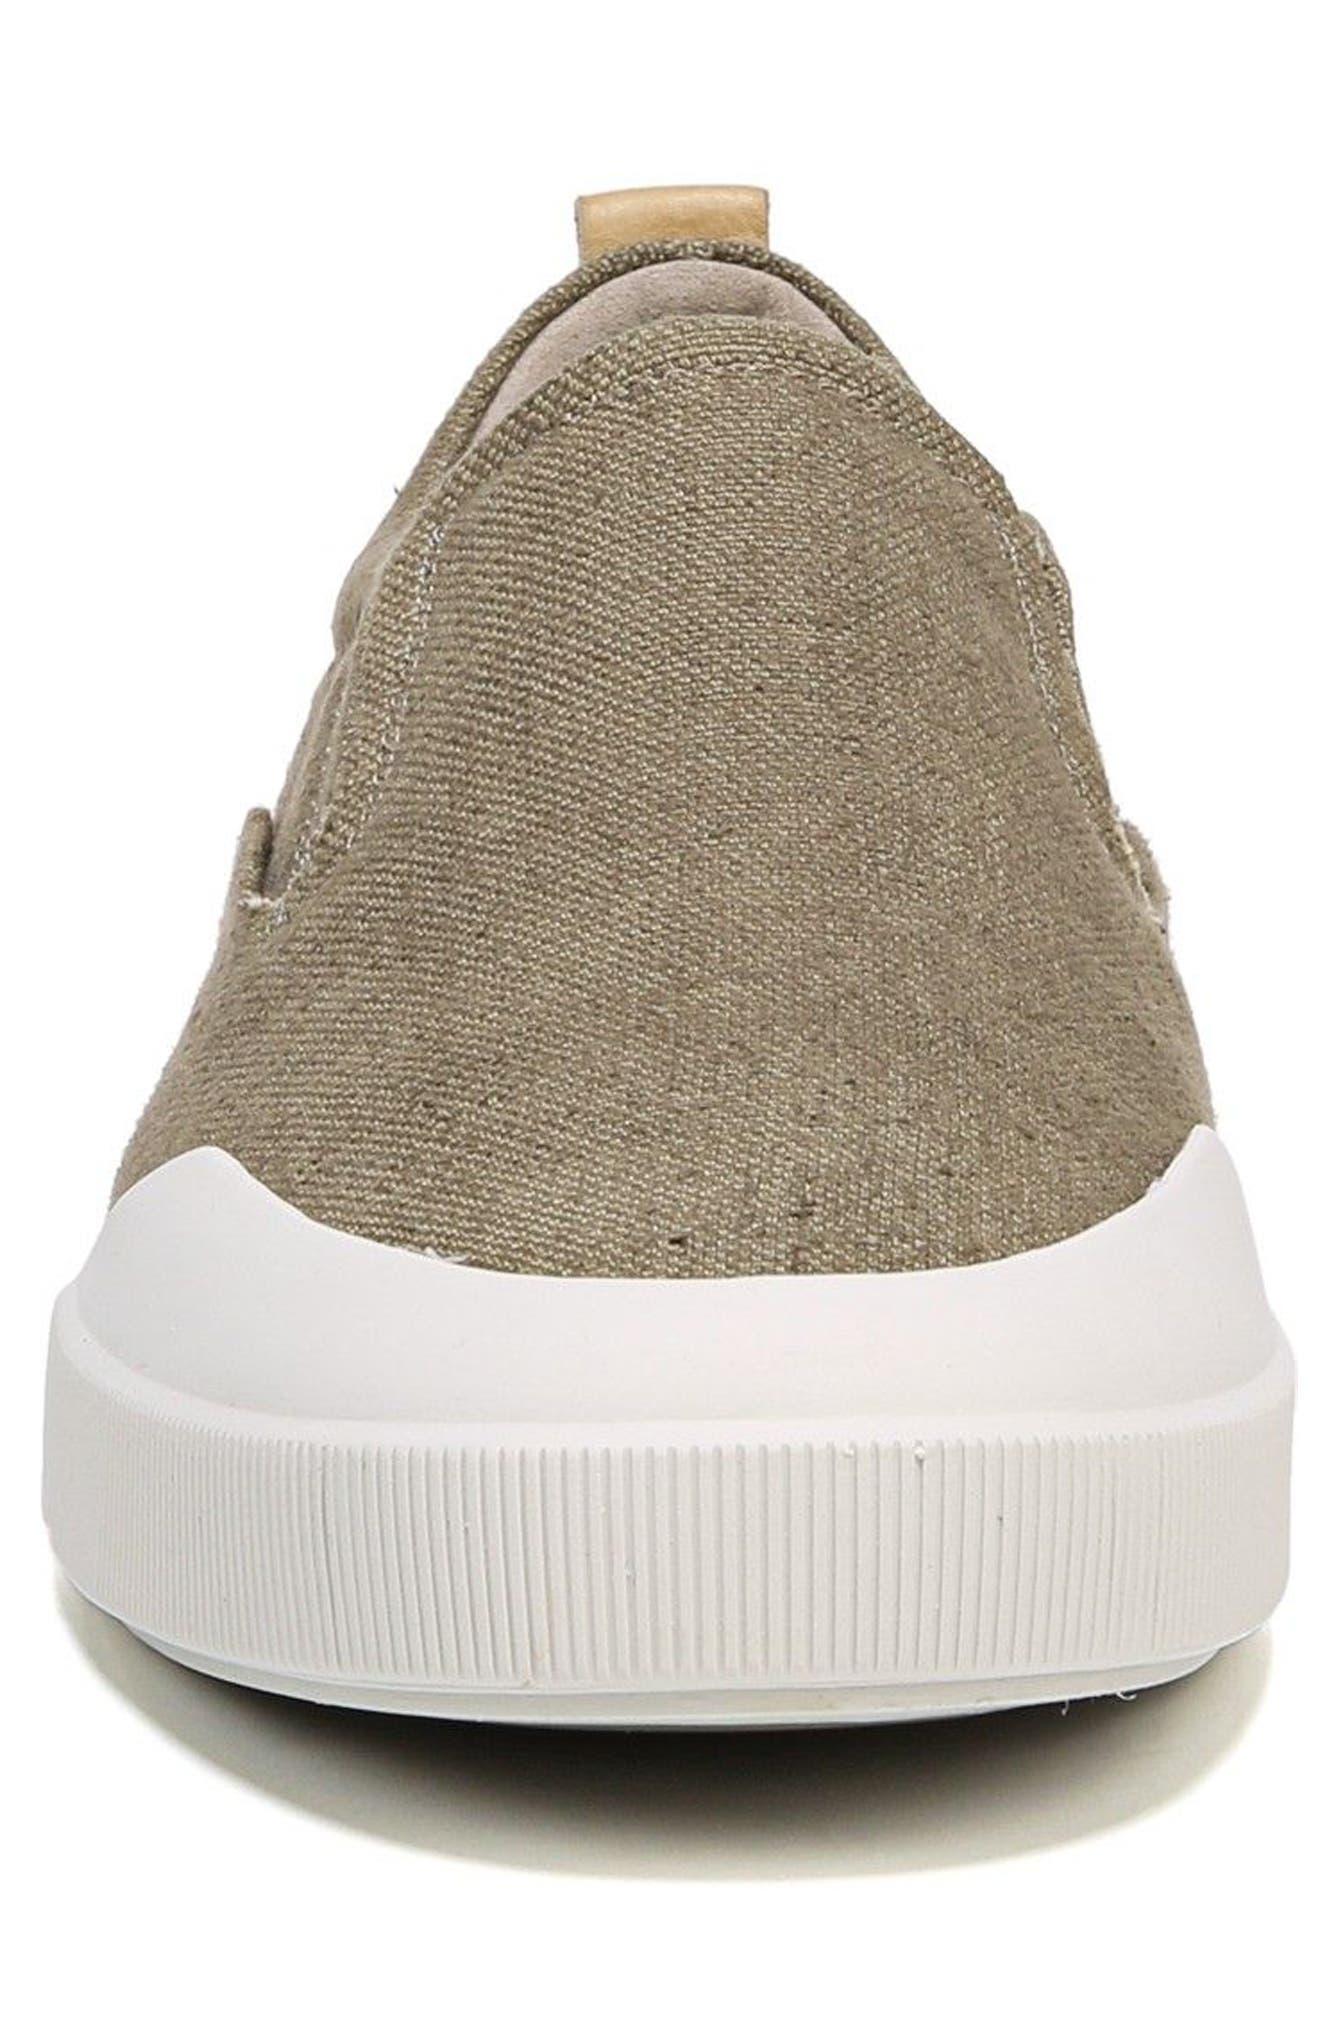 Vernon Slip-On Sneaker,                             Alternate thumbnail 16, color,